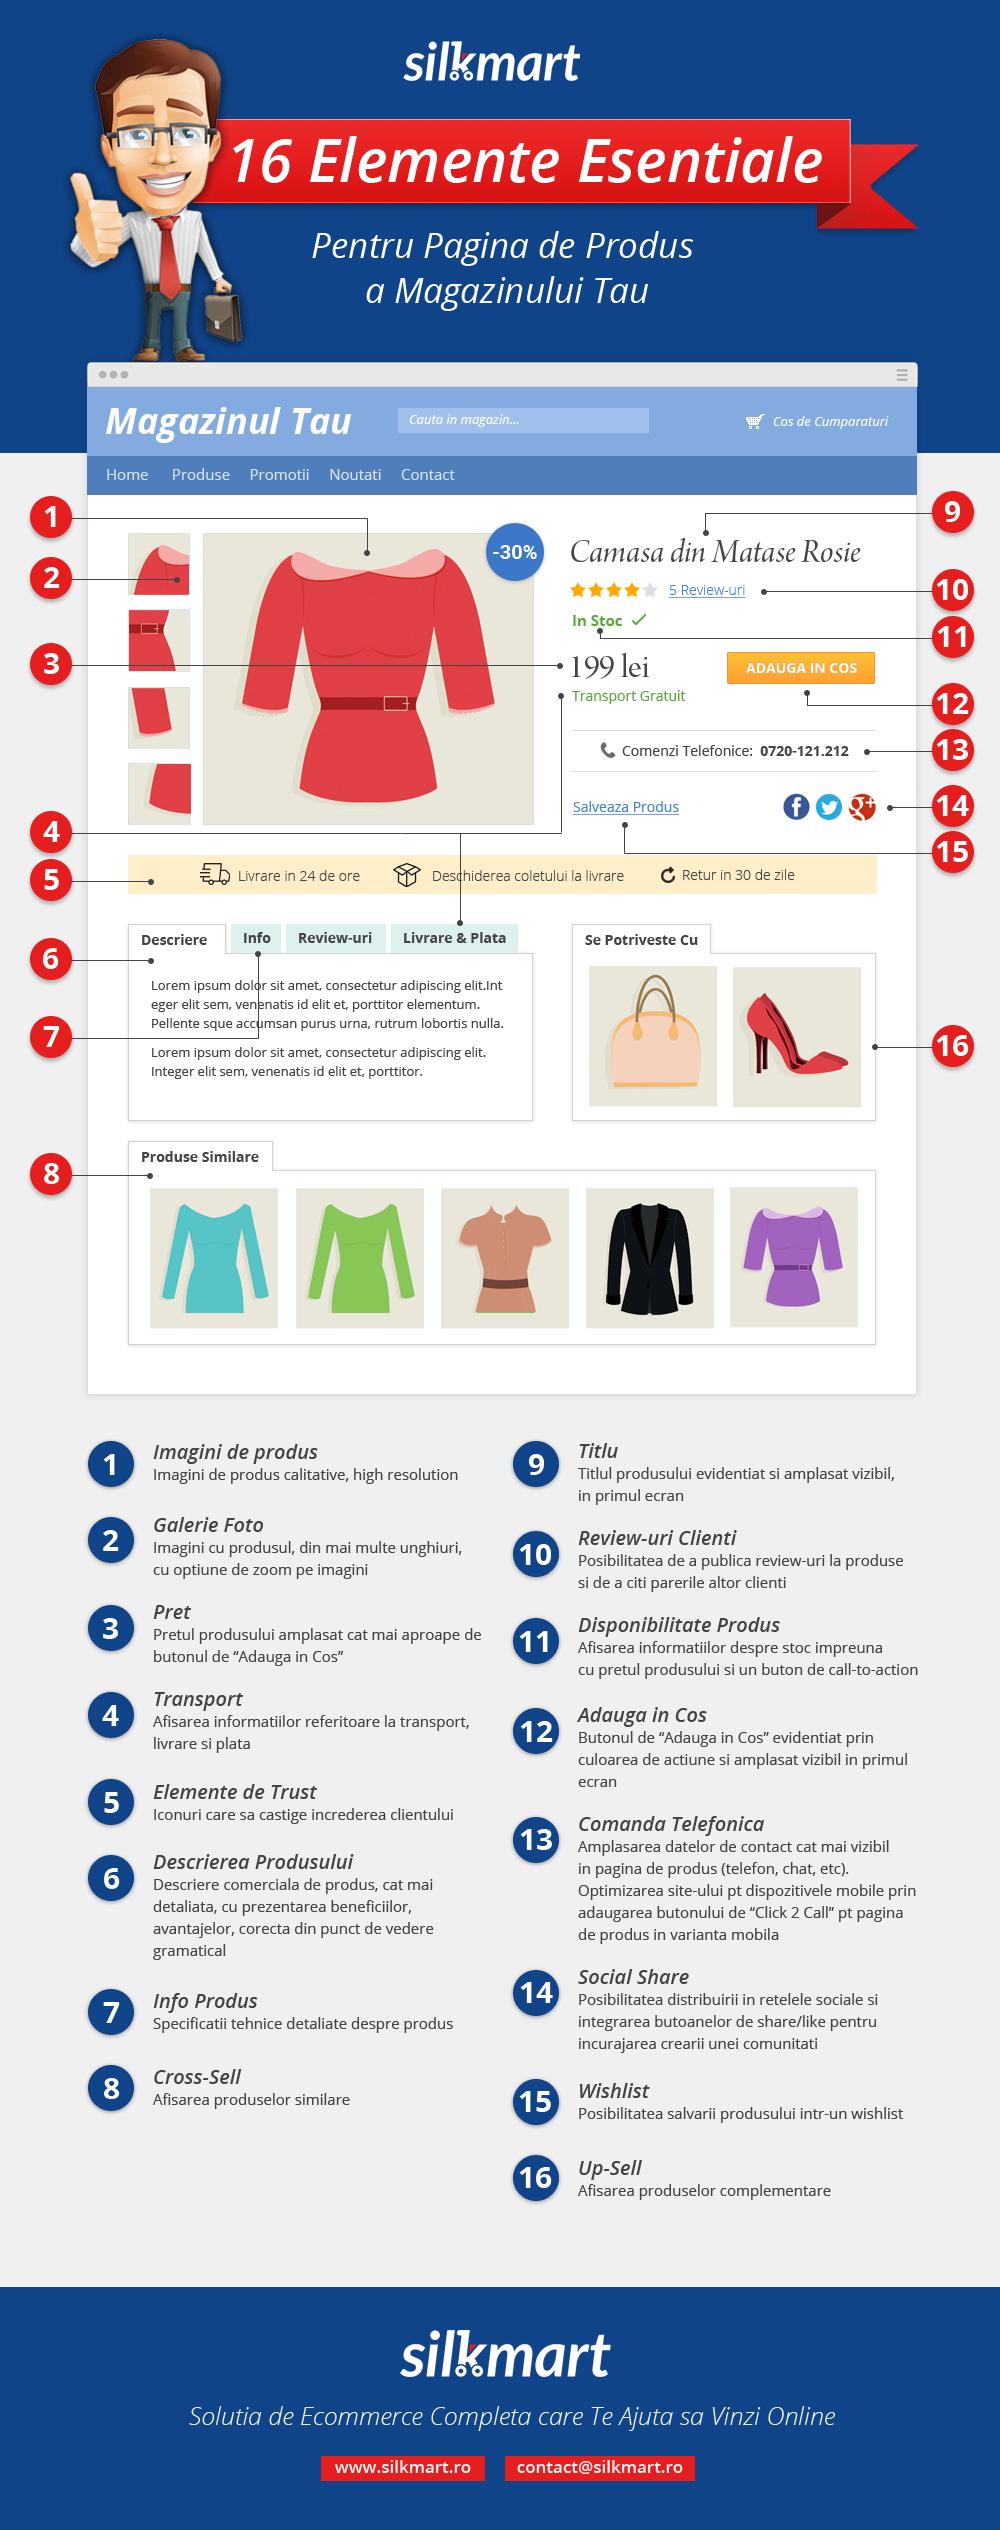 16 Elemente Esentiale Pentru Pagina De Produs – Infografic